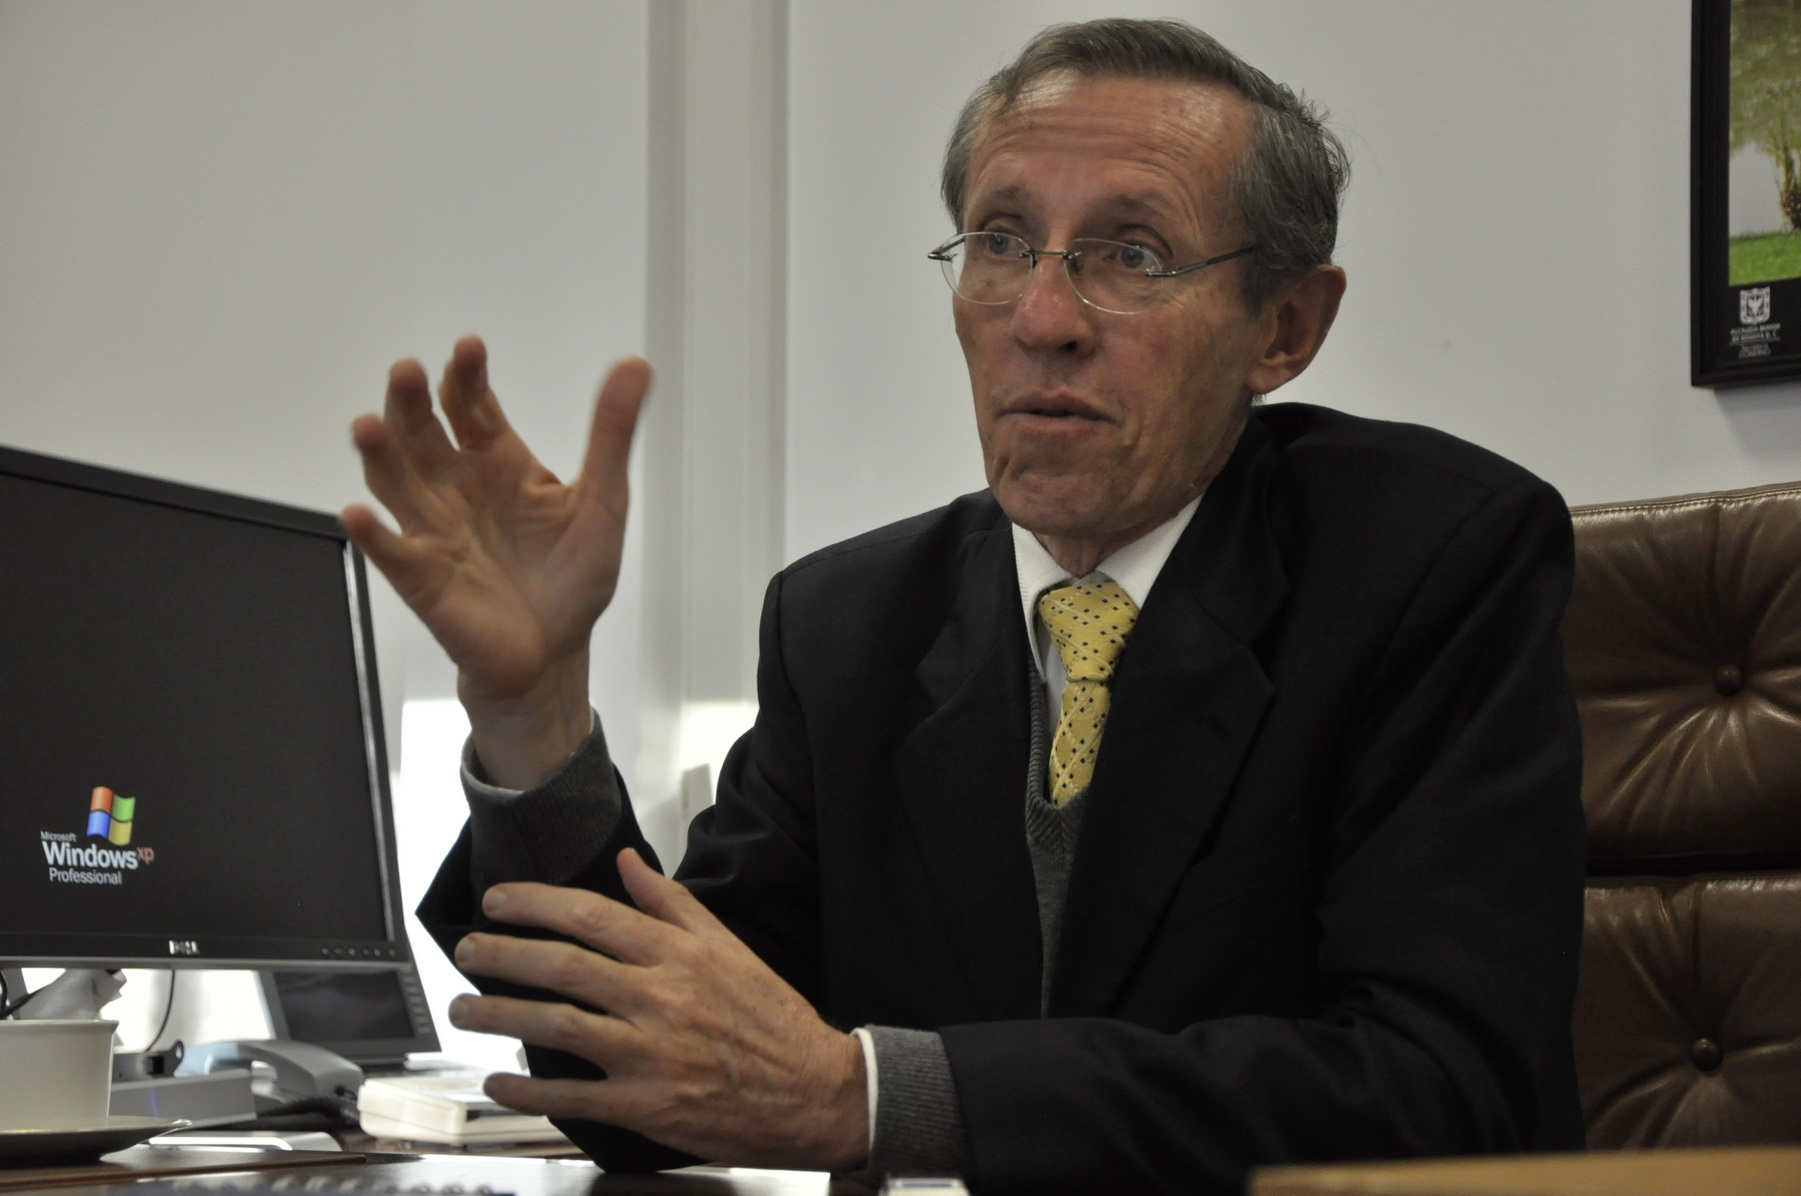 El senador Antonio Navarro sostiene que ha cumplido con los acuerdos y rechaza la decisión del Fiscal.